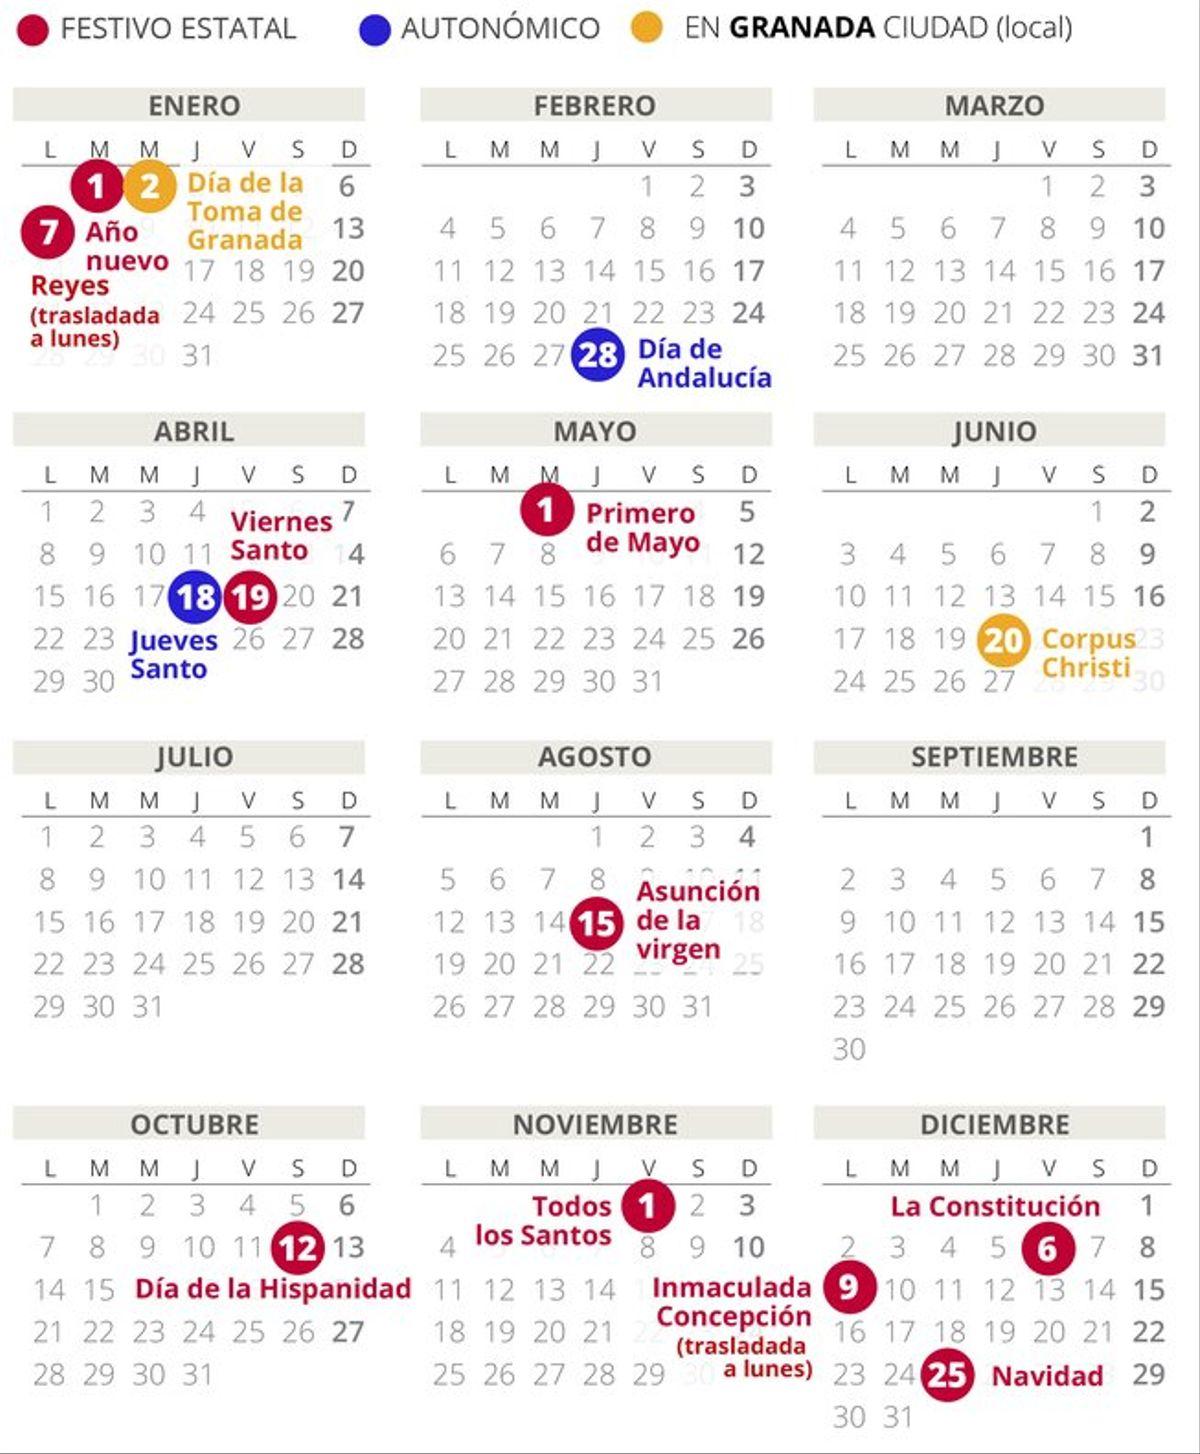 Calendario laboral de Granada del 2019 (con todos los festivos)